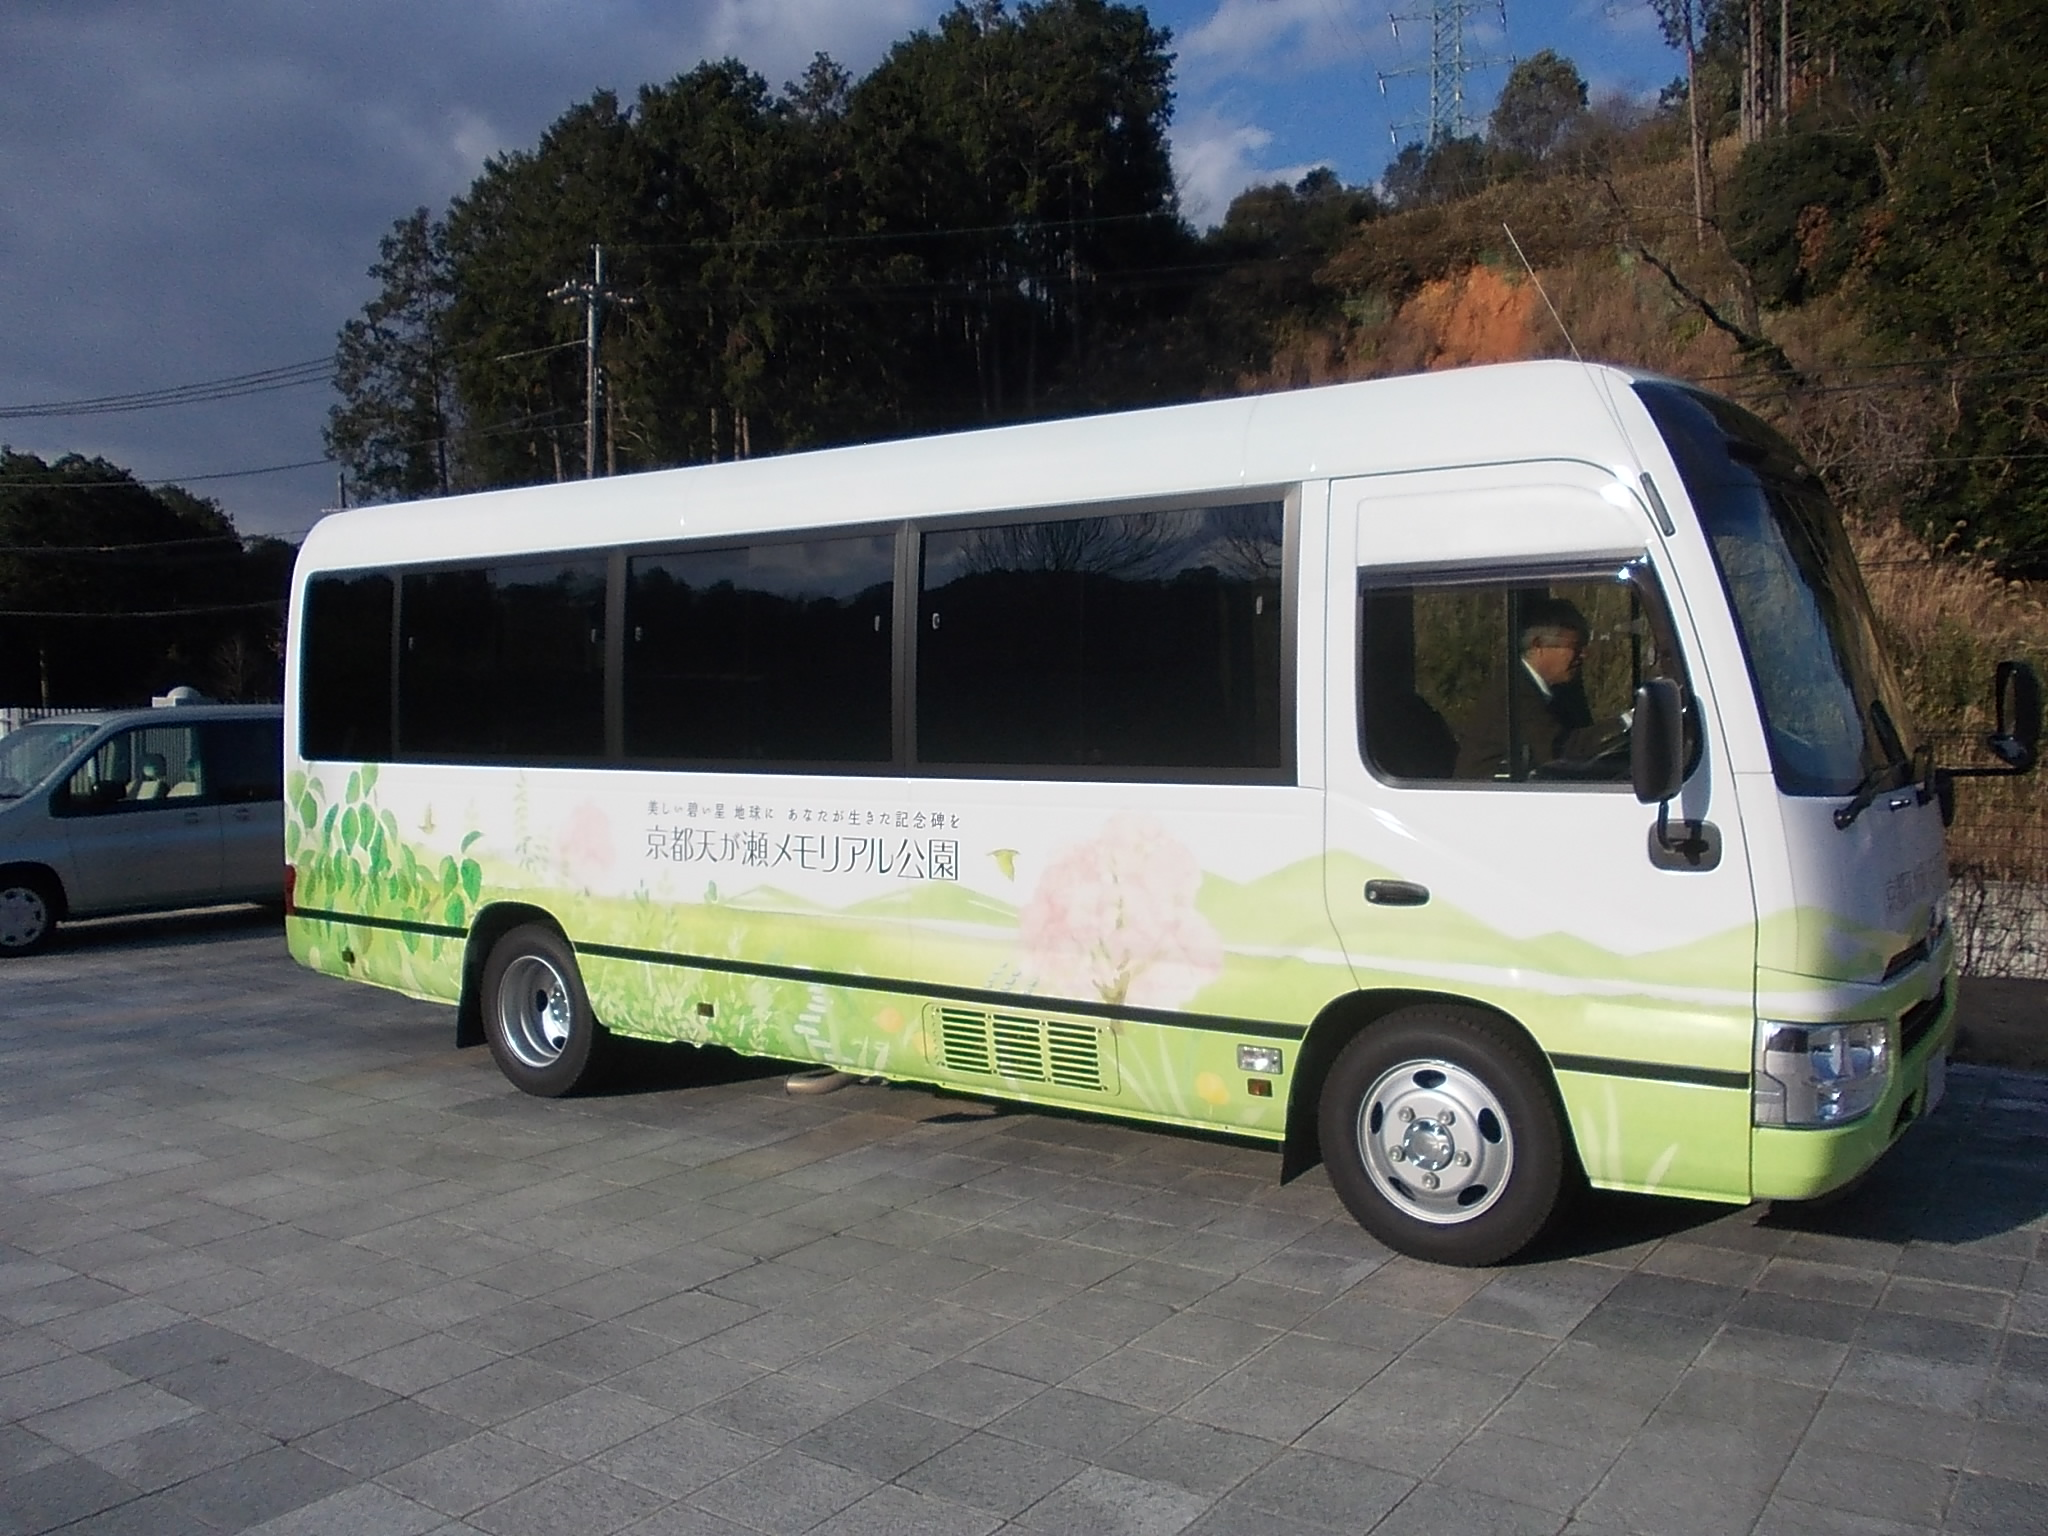 無料送迎バス運行中 天ケ瀬メモリアル公園